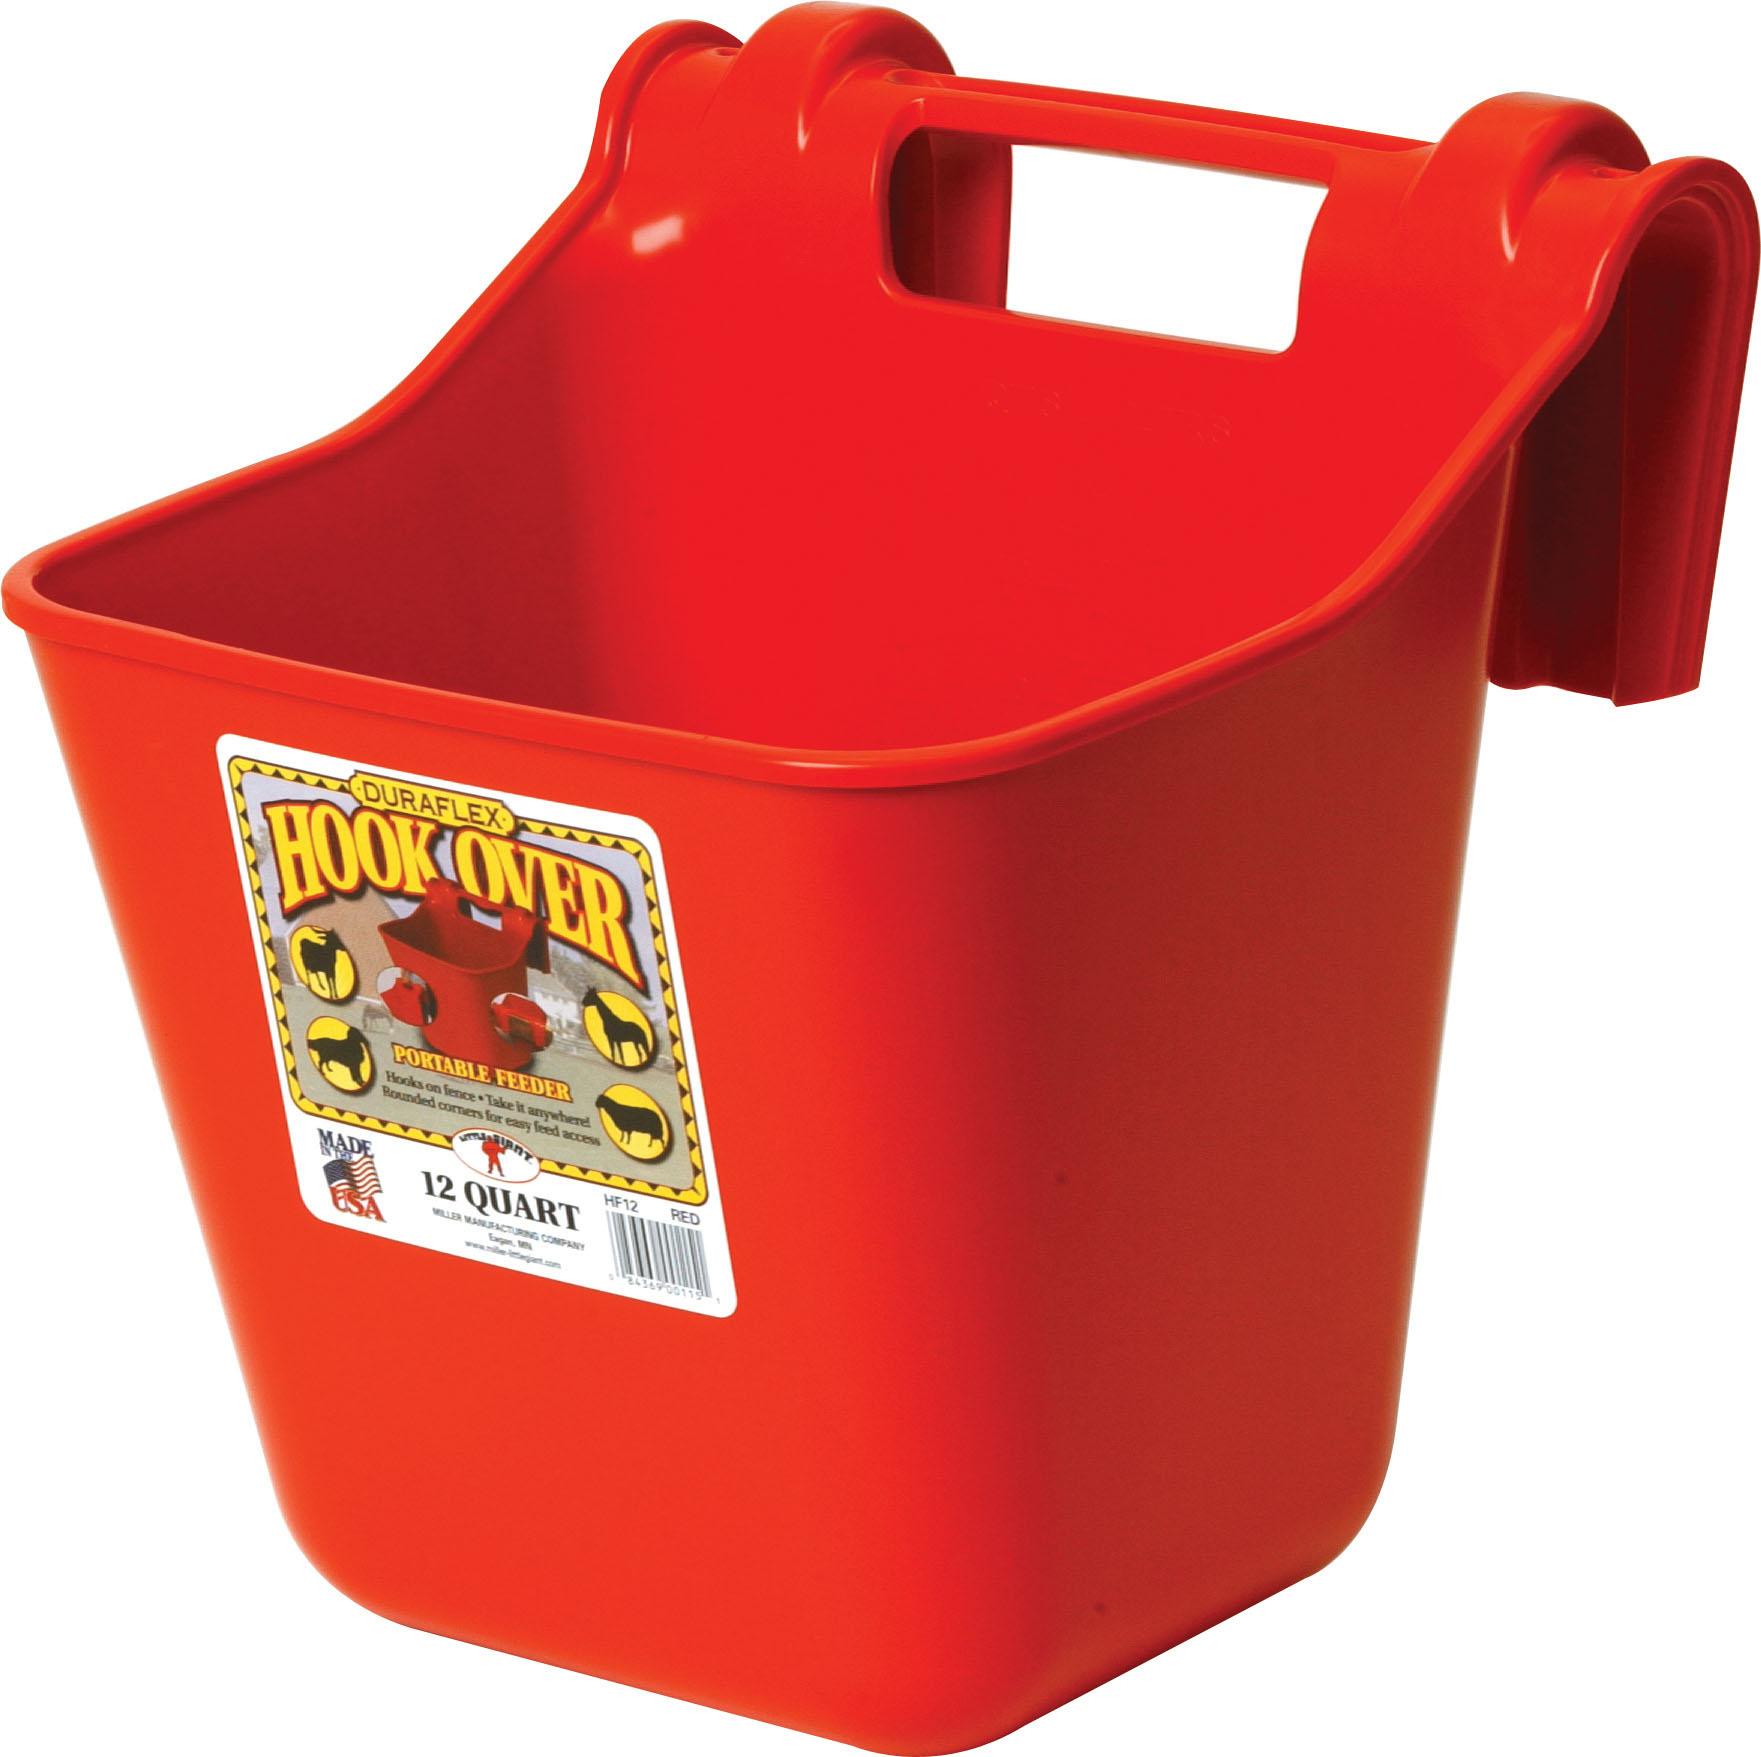 Miller Little Giant DuraFlex Hook Over Portable Livestock Feeder, Red, 12-qt